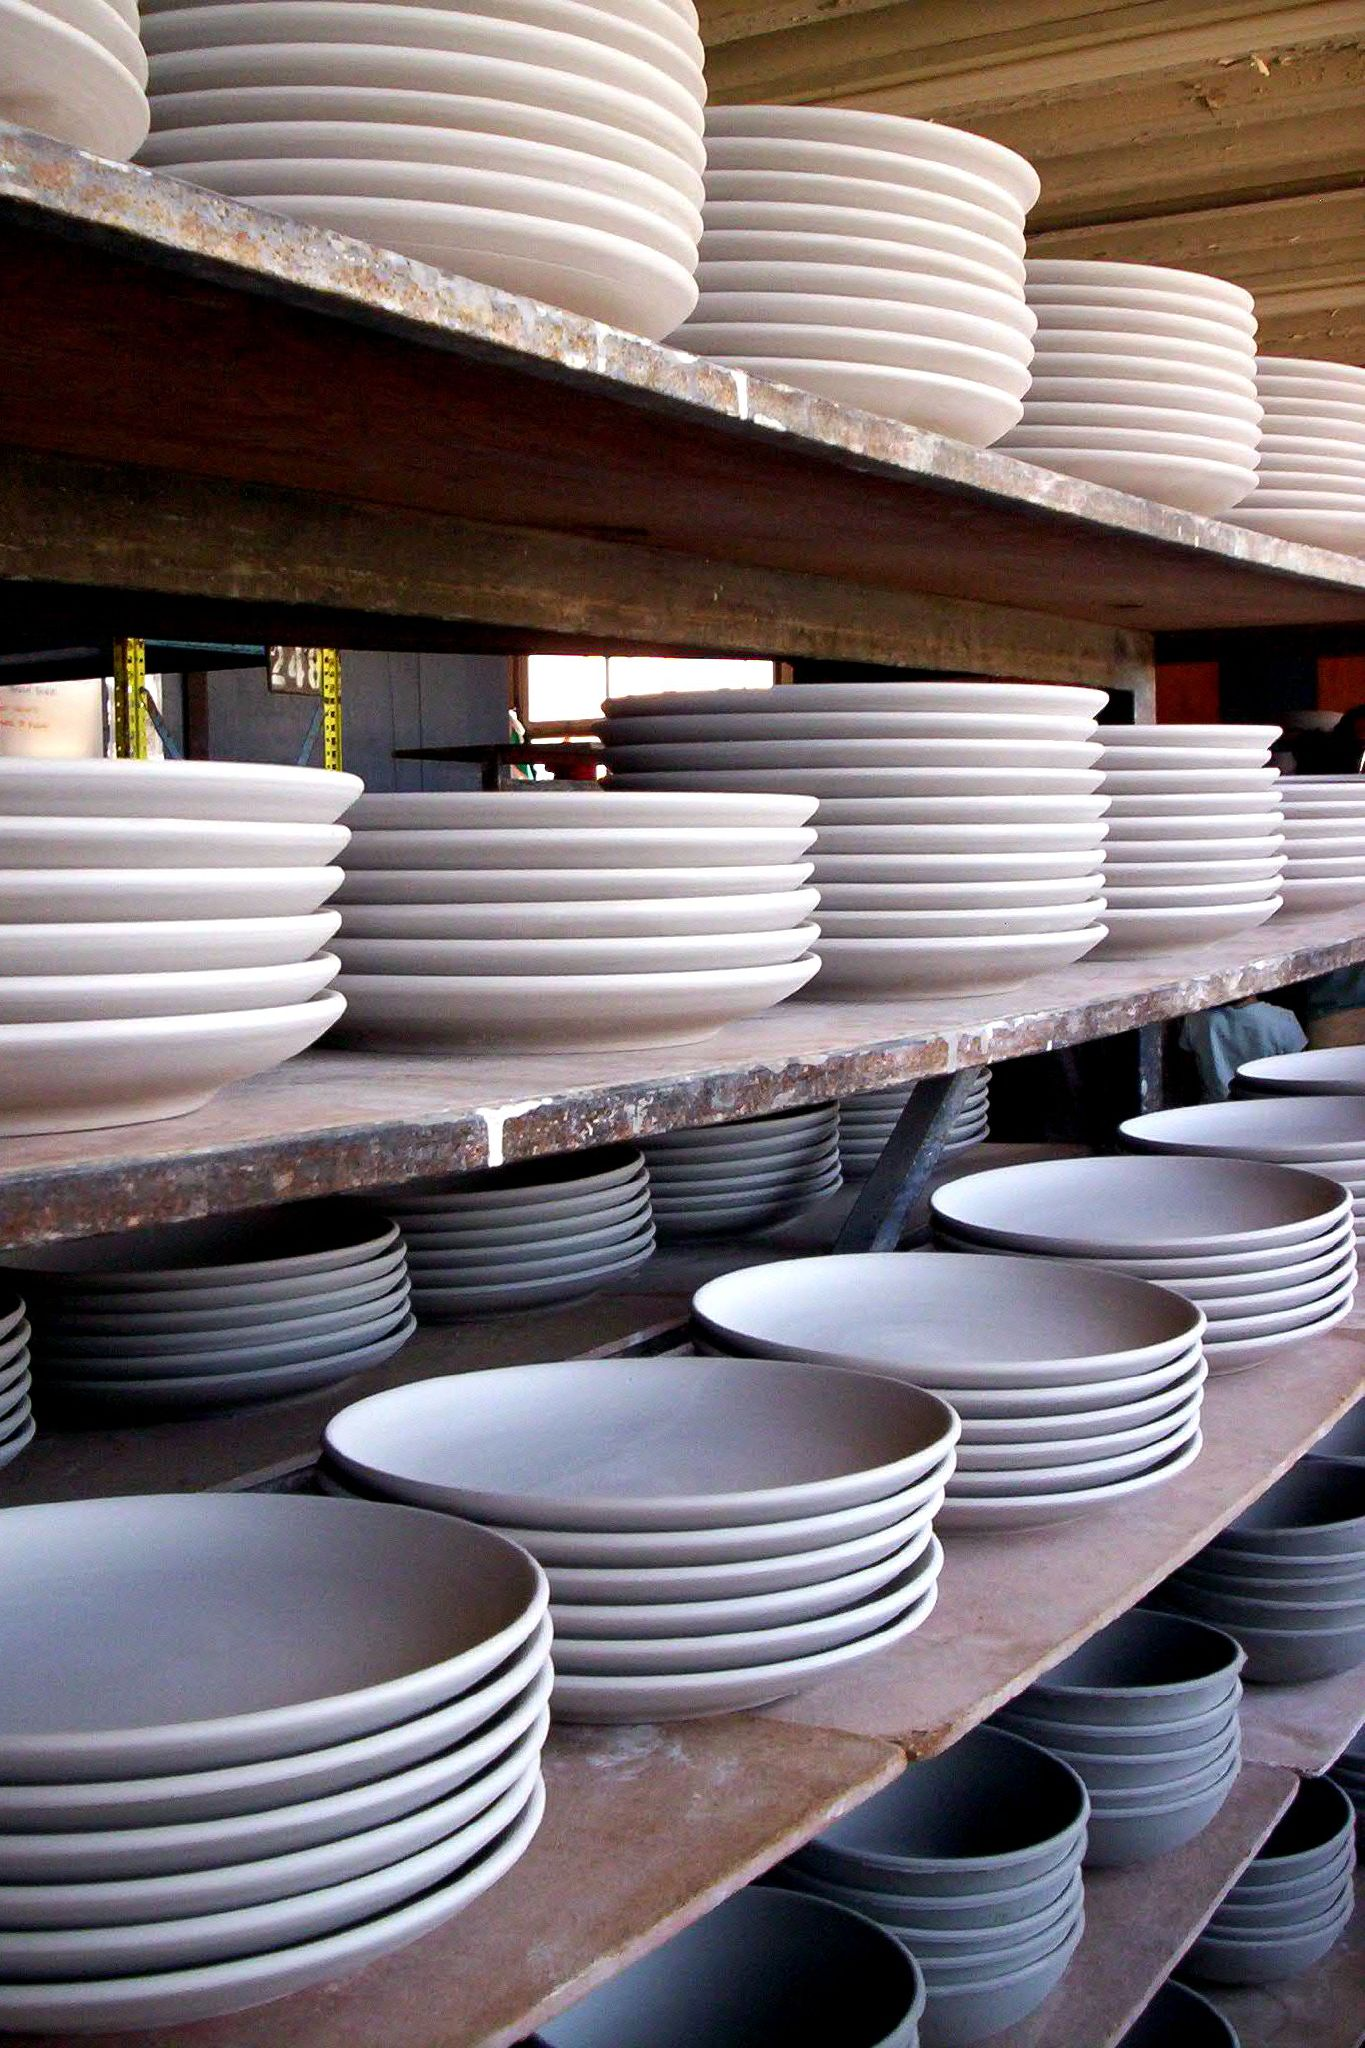 assiette vaisselle wikipedia